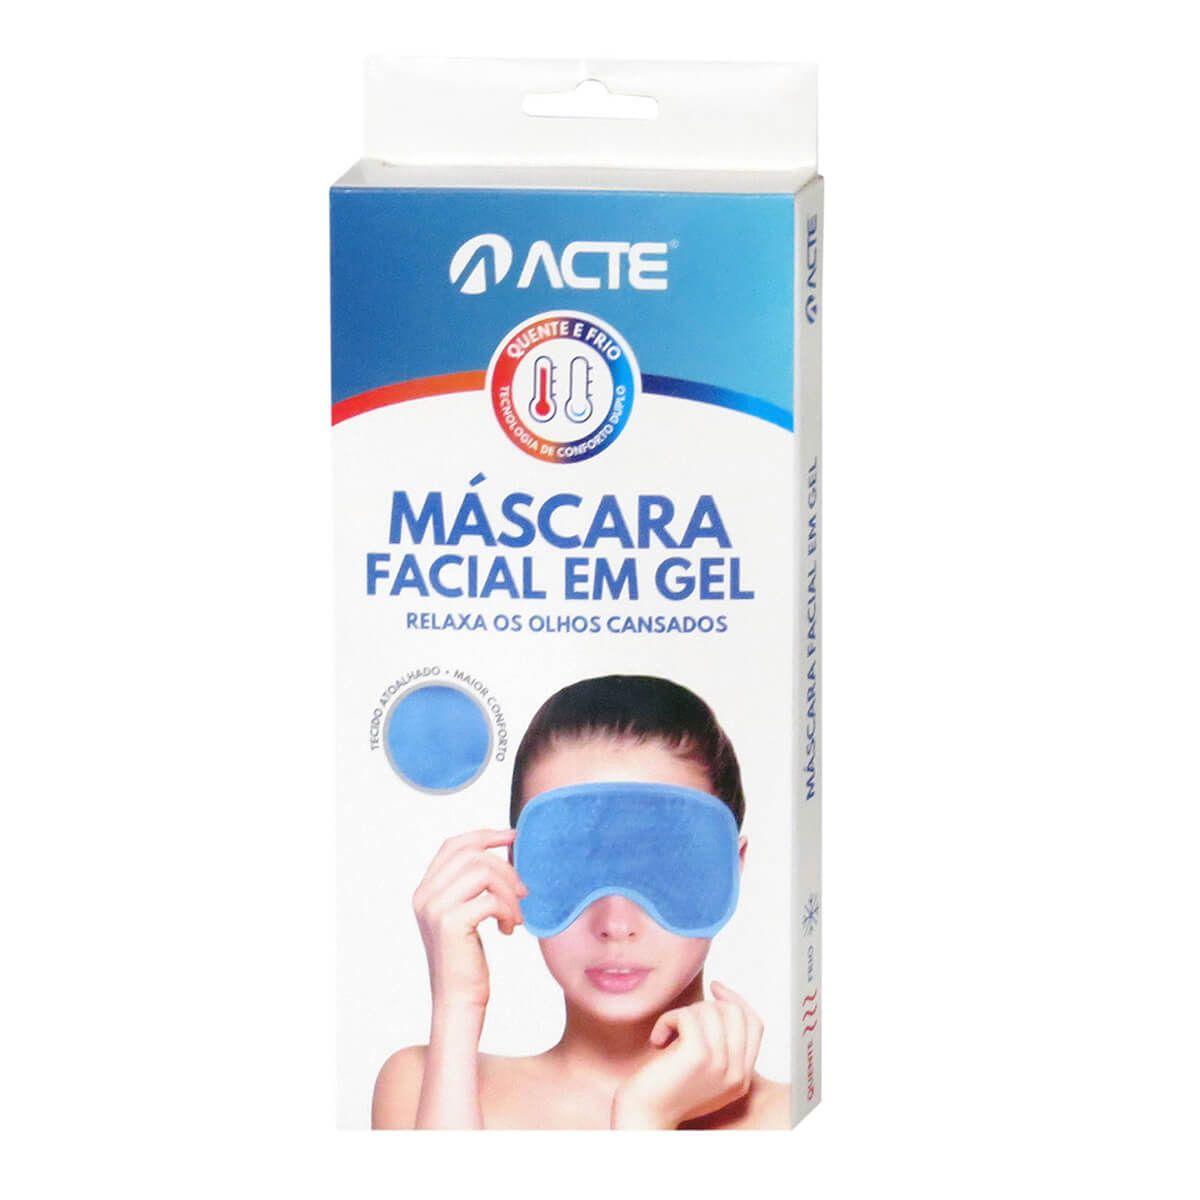 Máscara Facial em Gel Quente/Frio Rosa R3 Acte